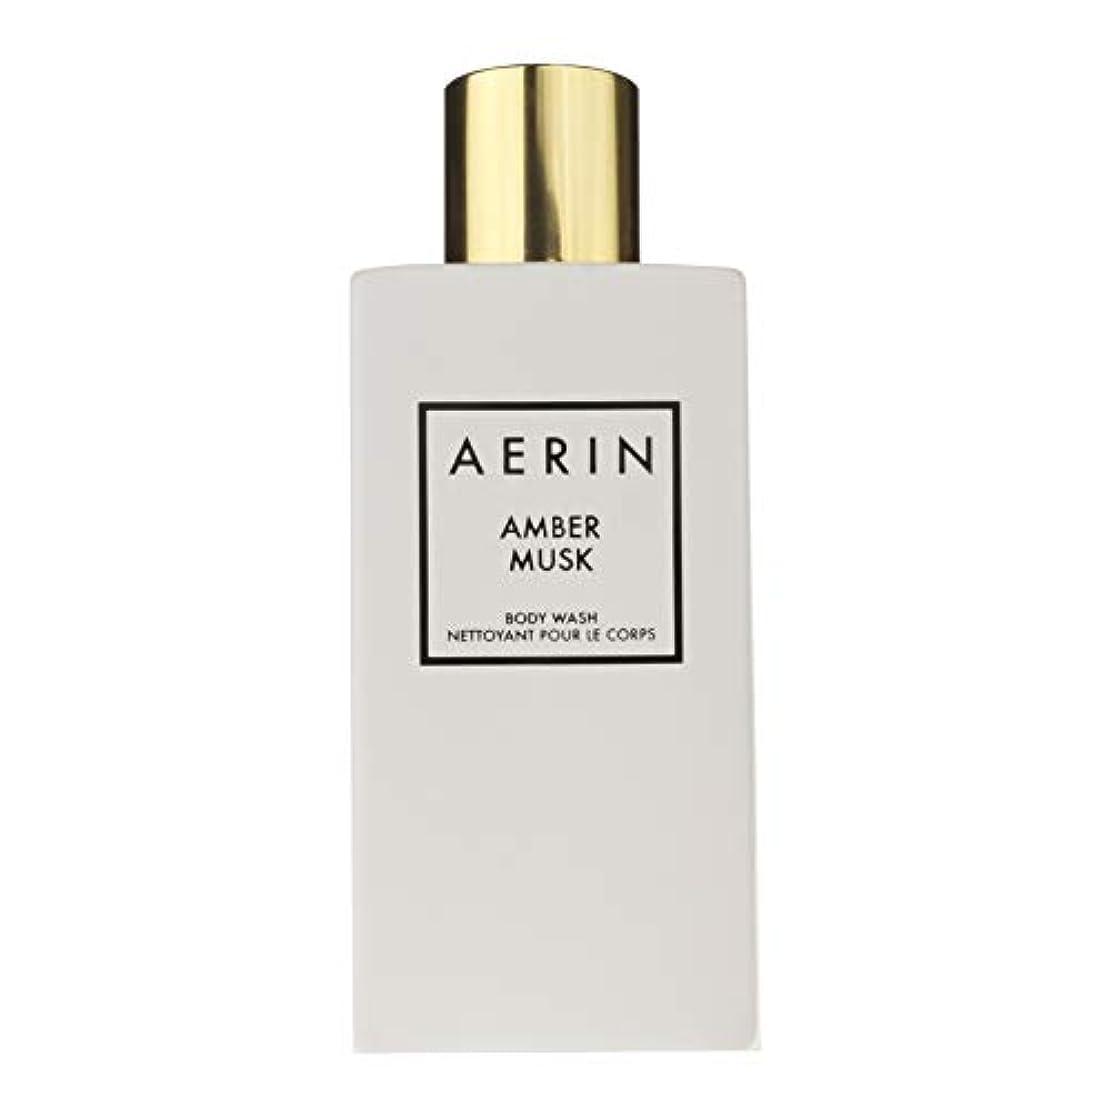 半球契約シロナガスクジラAERIN 'Amber Musk' (アエリン アンバームスク) 7.6 oz (228ml) Body Wash ボディーウオッシュ by Estee Lauder